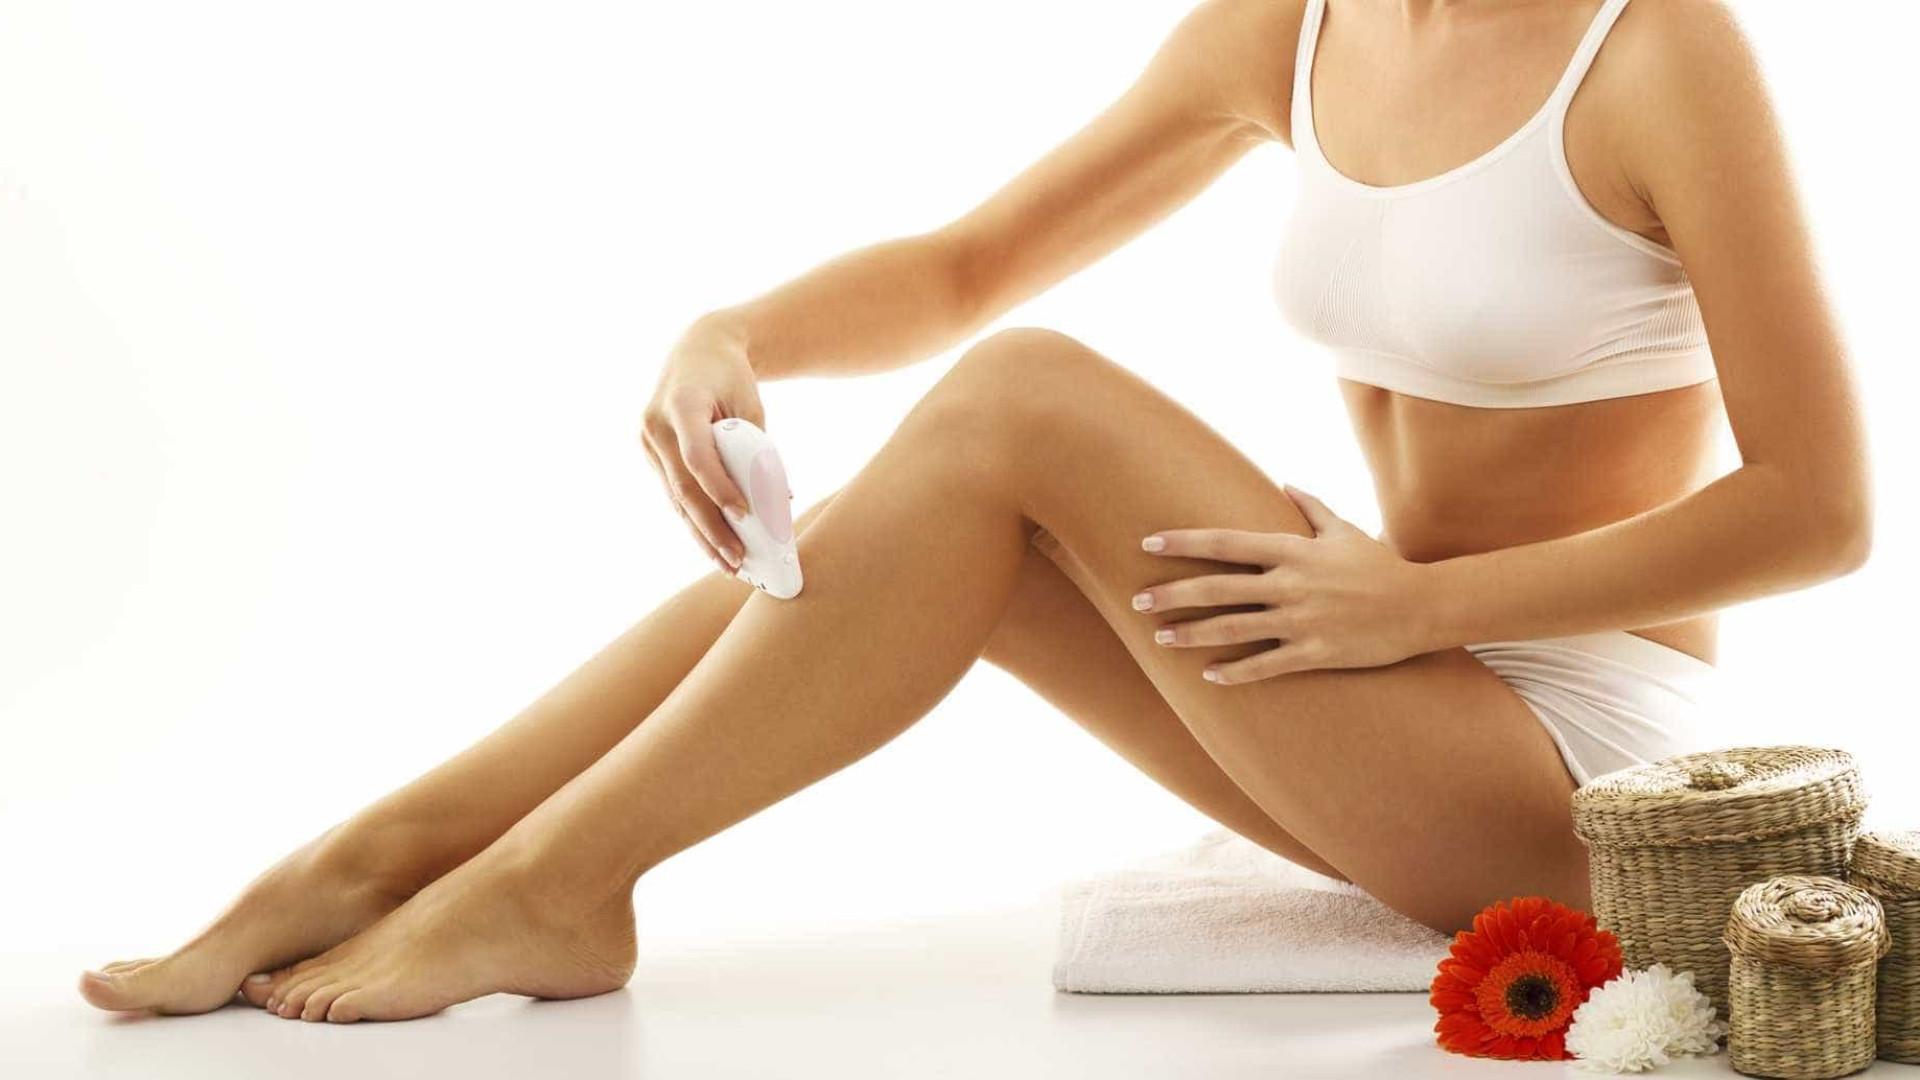 Tudo o que pode estar a fazer mal durante a depilação